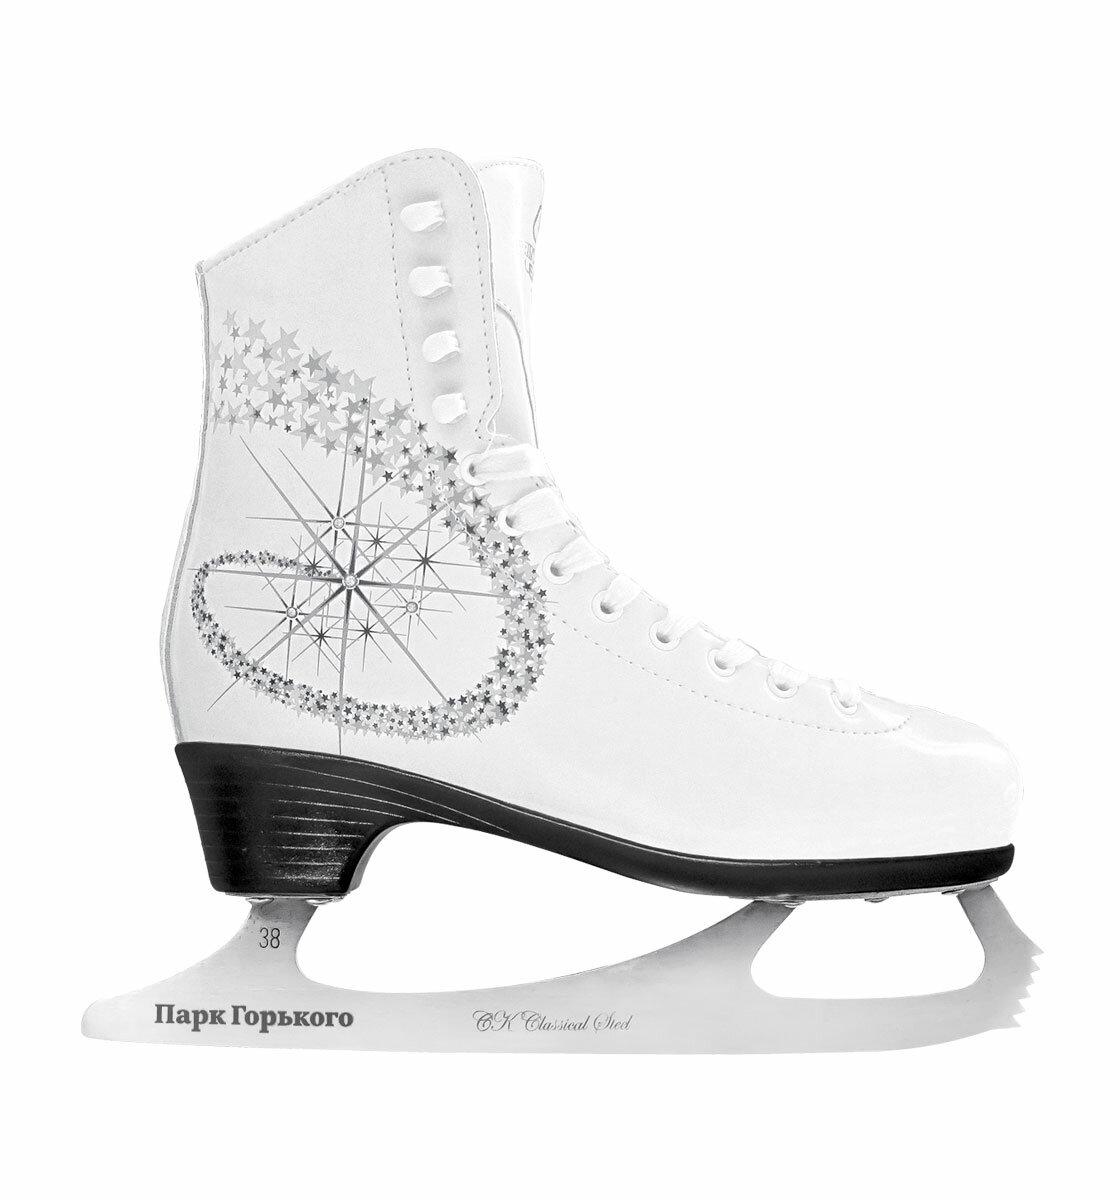 Фигурные коньки PRINCESS LUX leather 100% (ПГ (41))